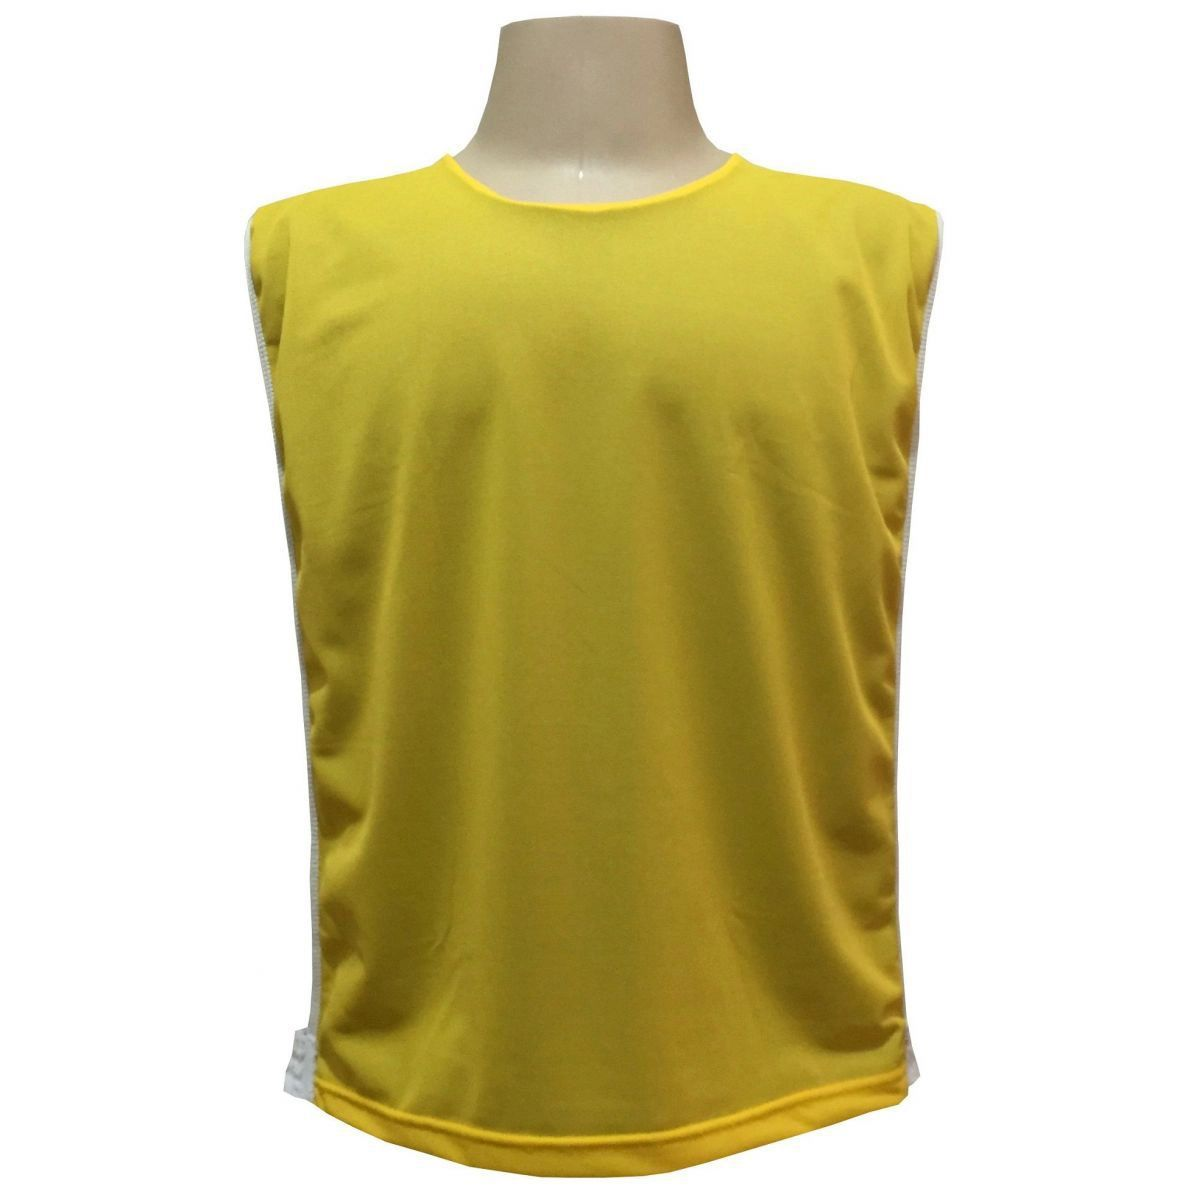 Colete Dupla Face na cor Amarelo/Royal